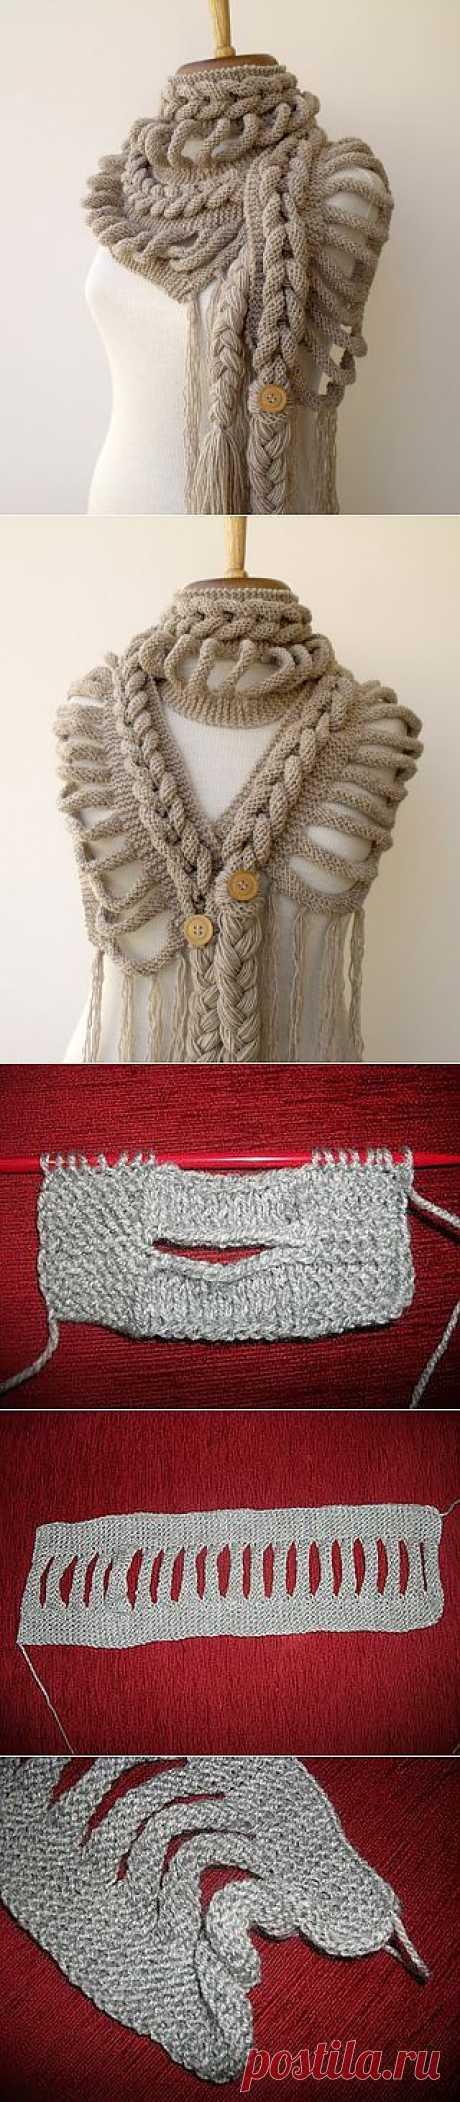 """Создавайте свои шедевры! О творческом подходе к вязанию - на примере узора """"Колосок""""."""